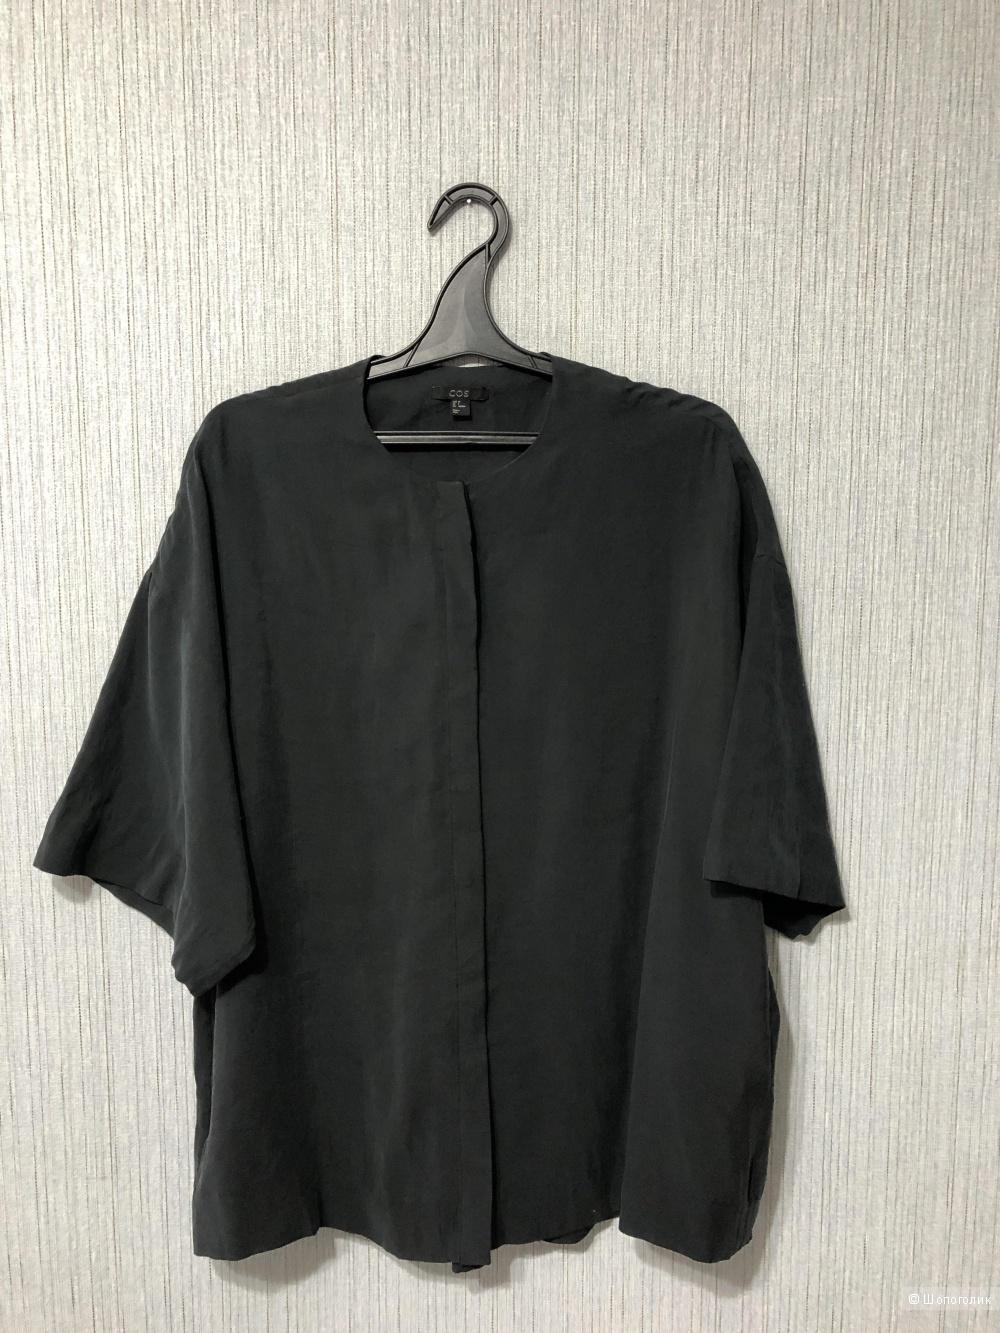 Рубашка Cos размер one size